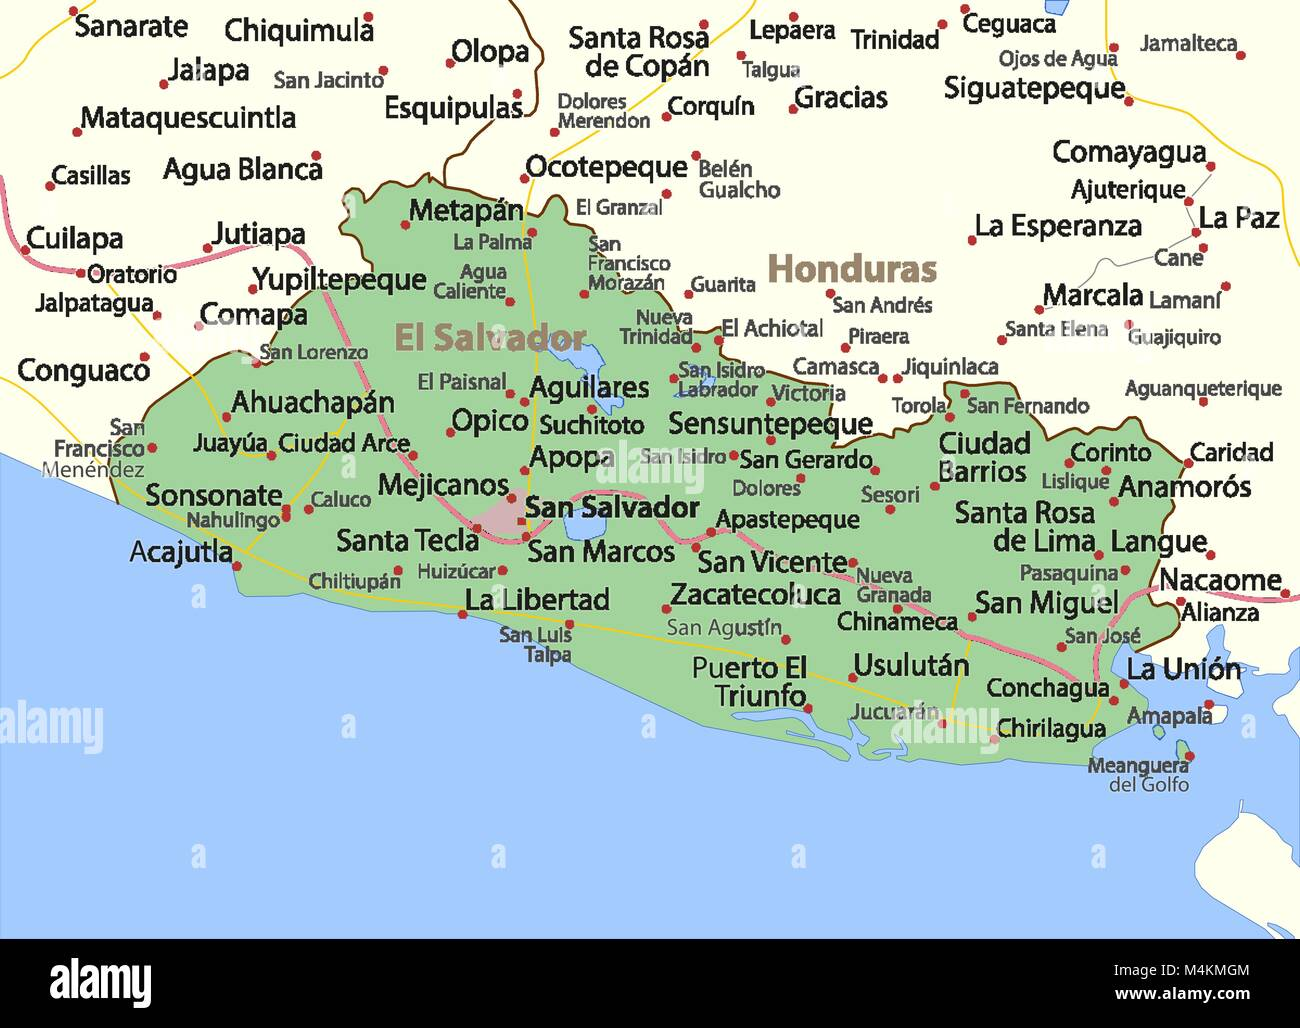 Map Of El Salvador Stock Photos & Map Of El Salvador Stock Images ...